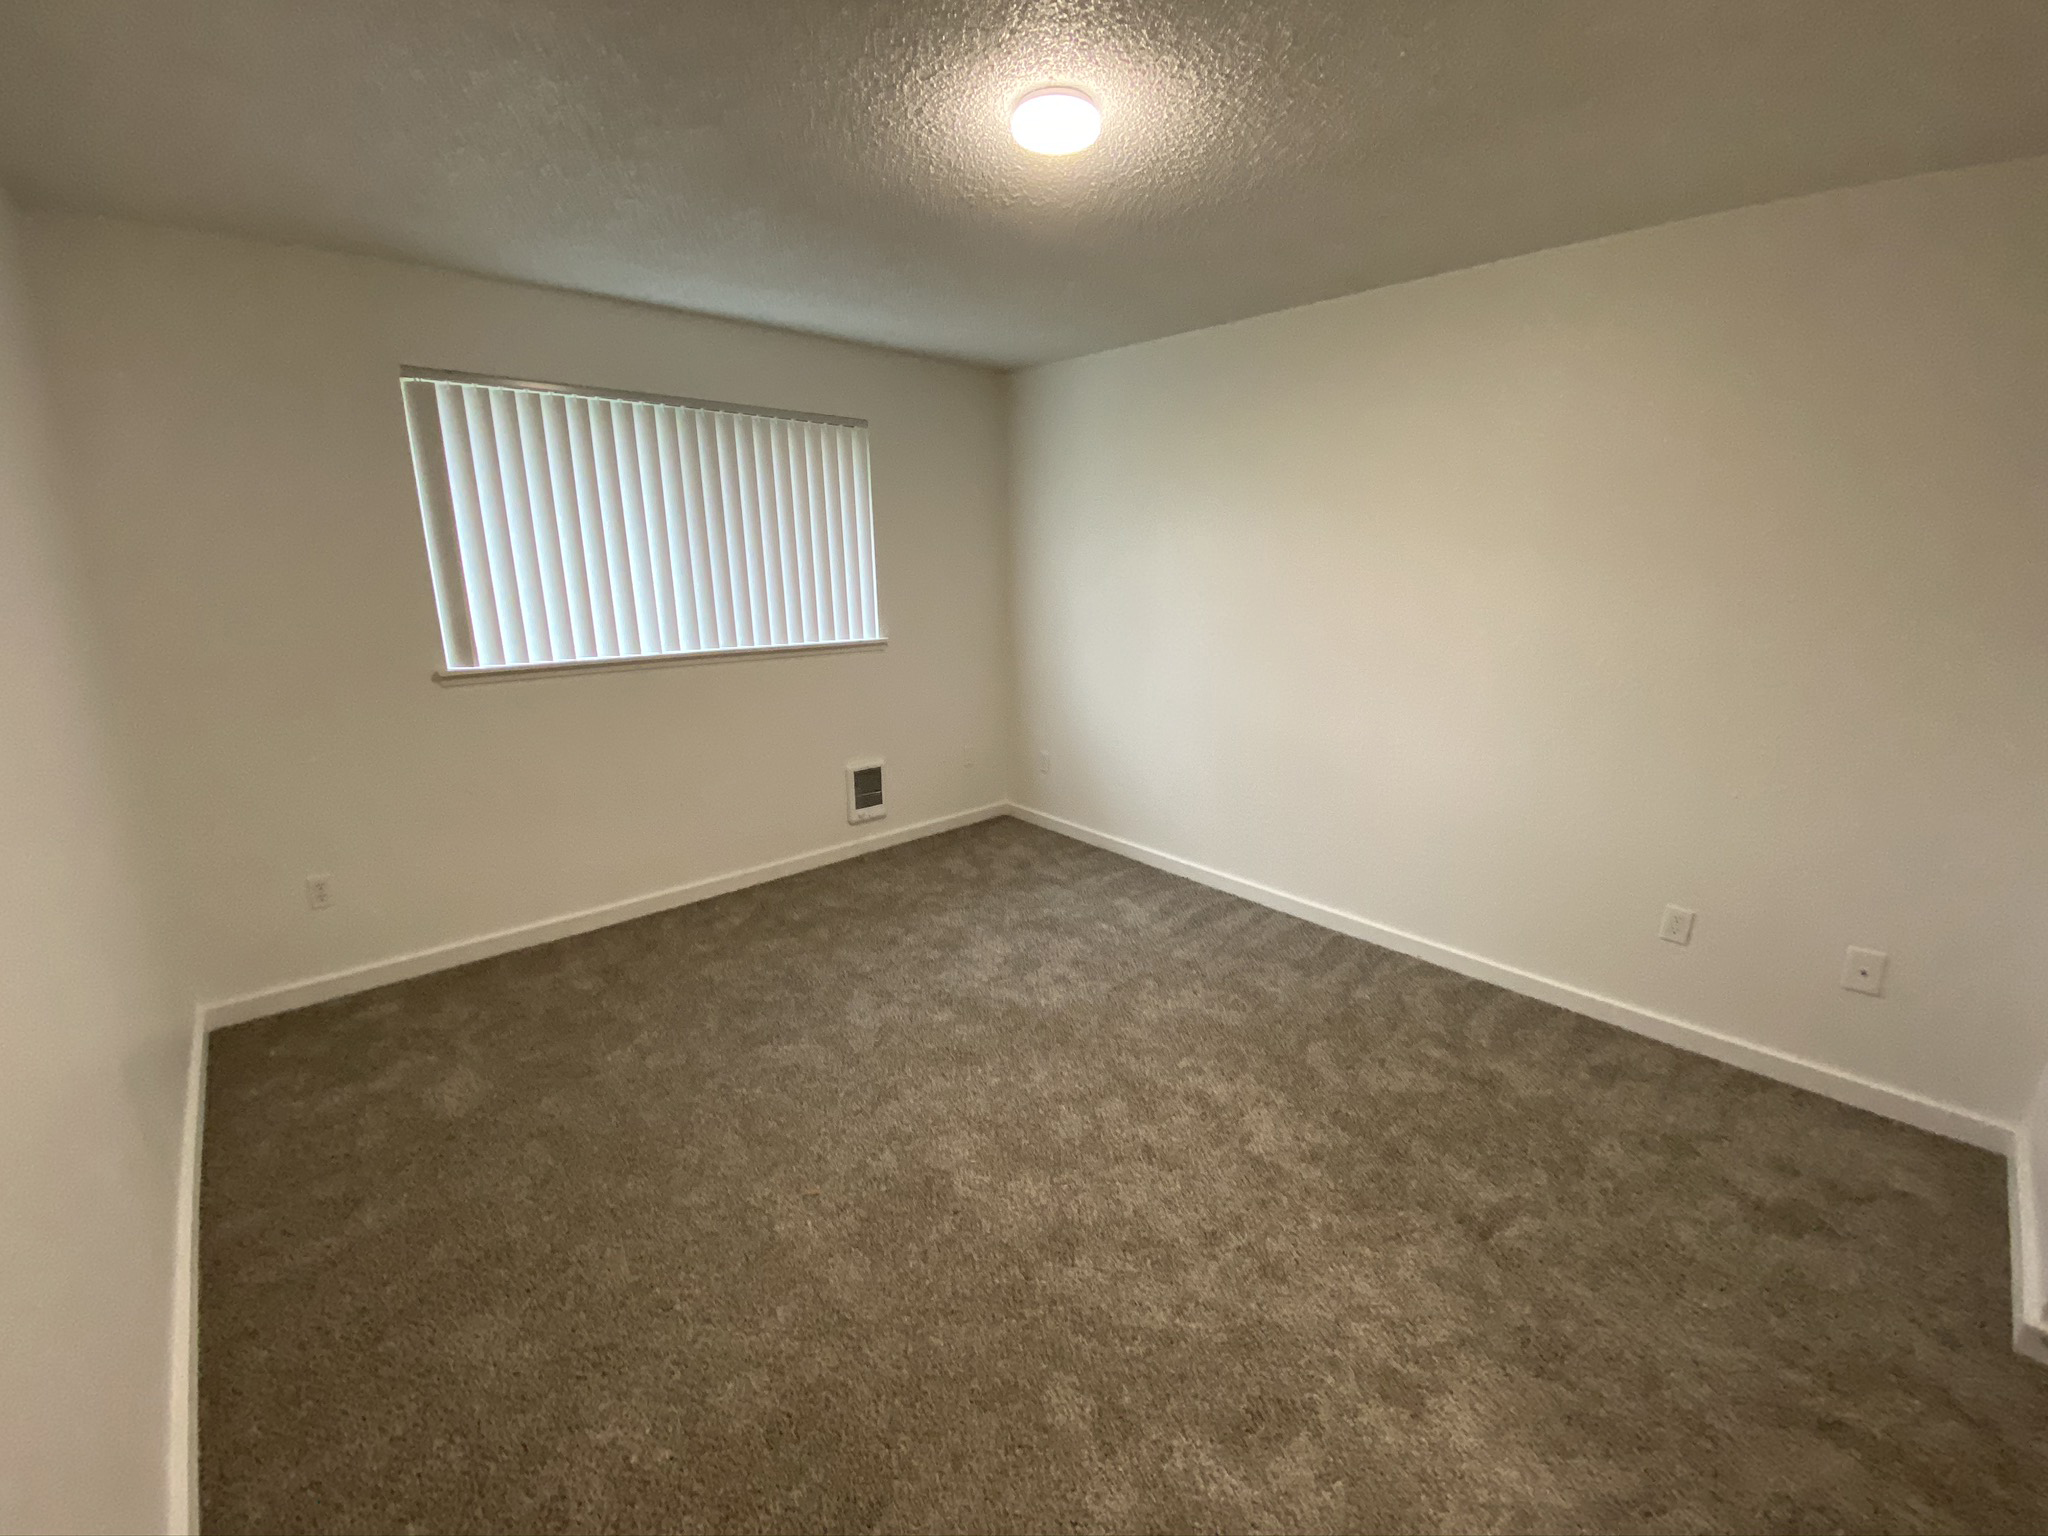 2020 Master Bedroom Remodel